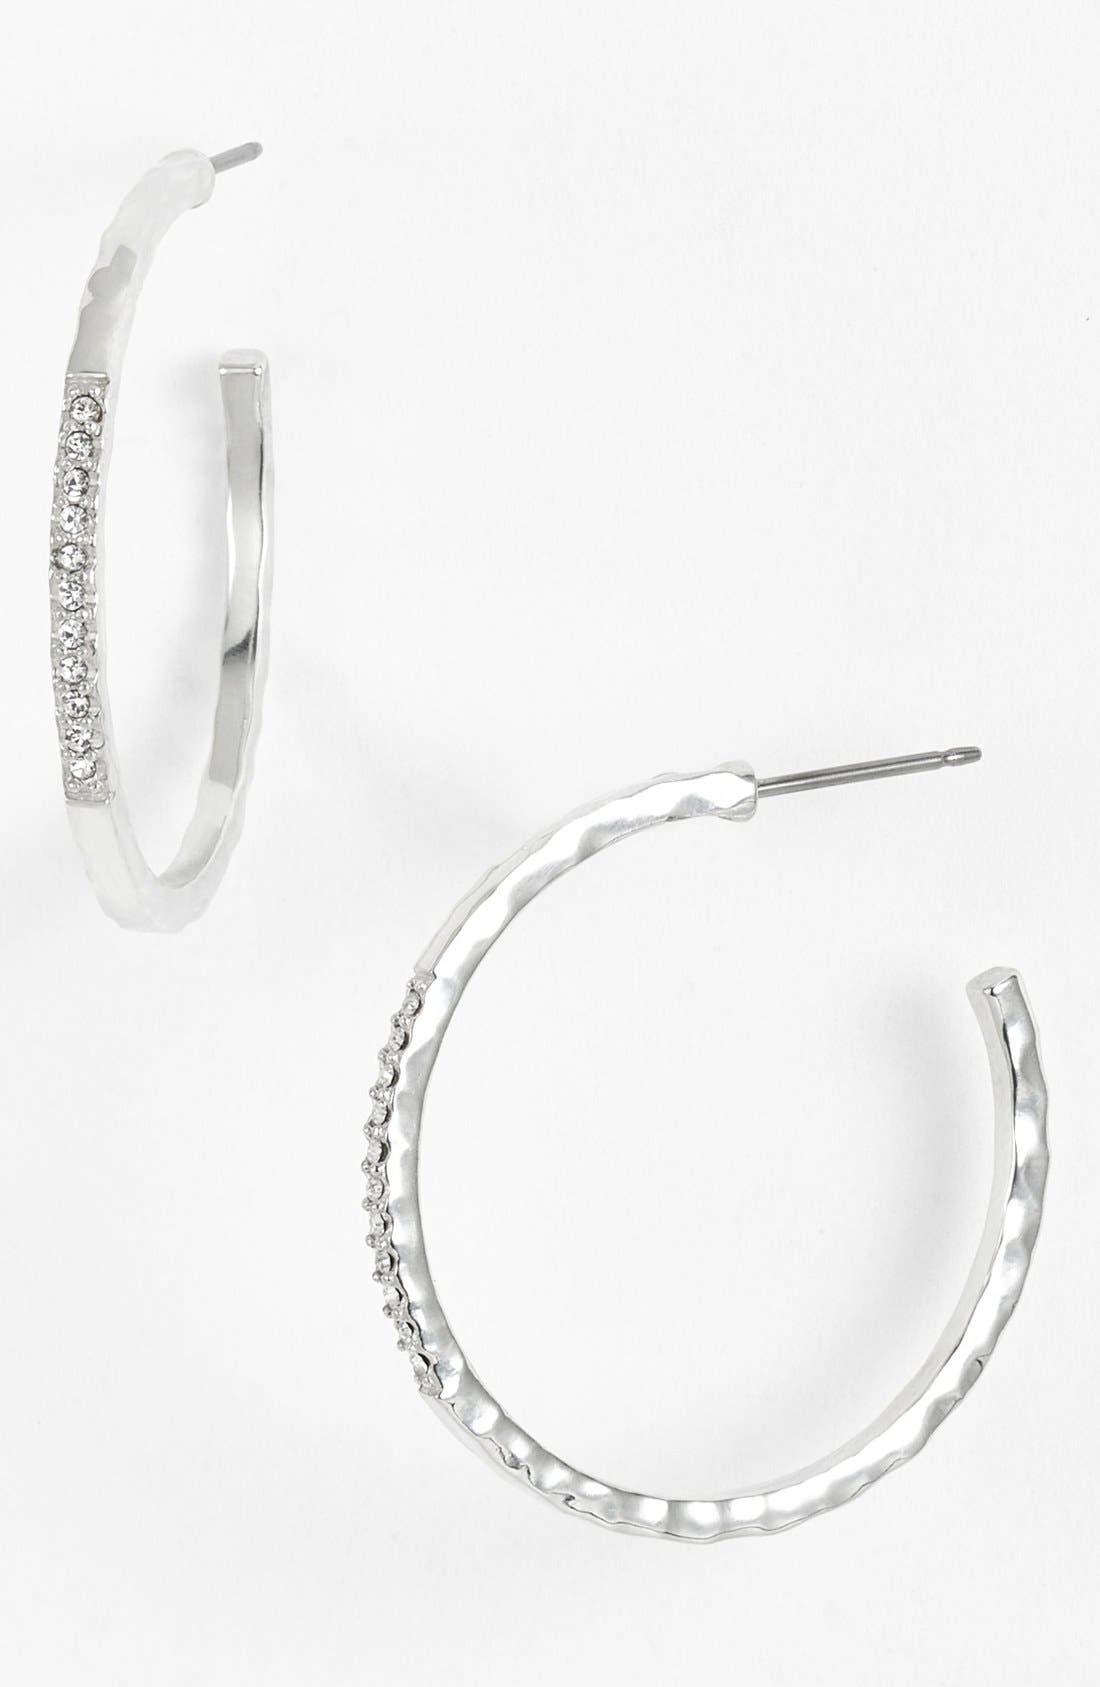 Alternate Image 1 Selected - Judith Jack 'Oval Essence' Hoop Earrings